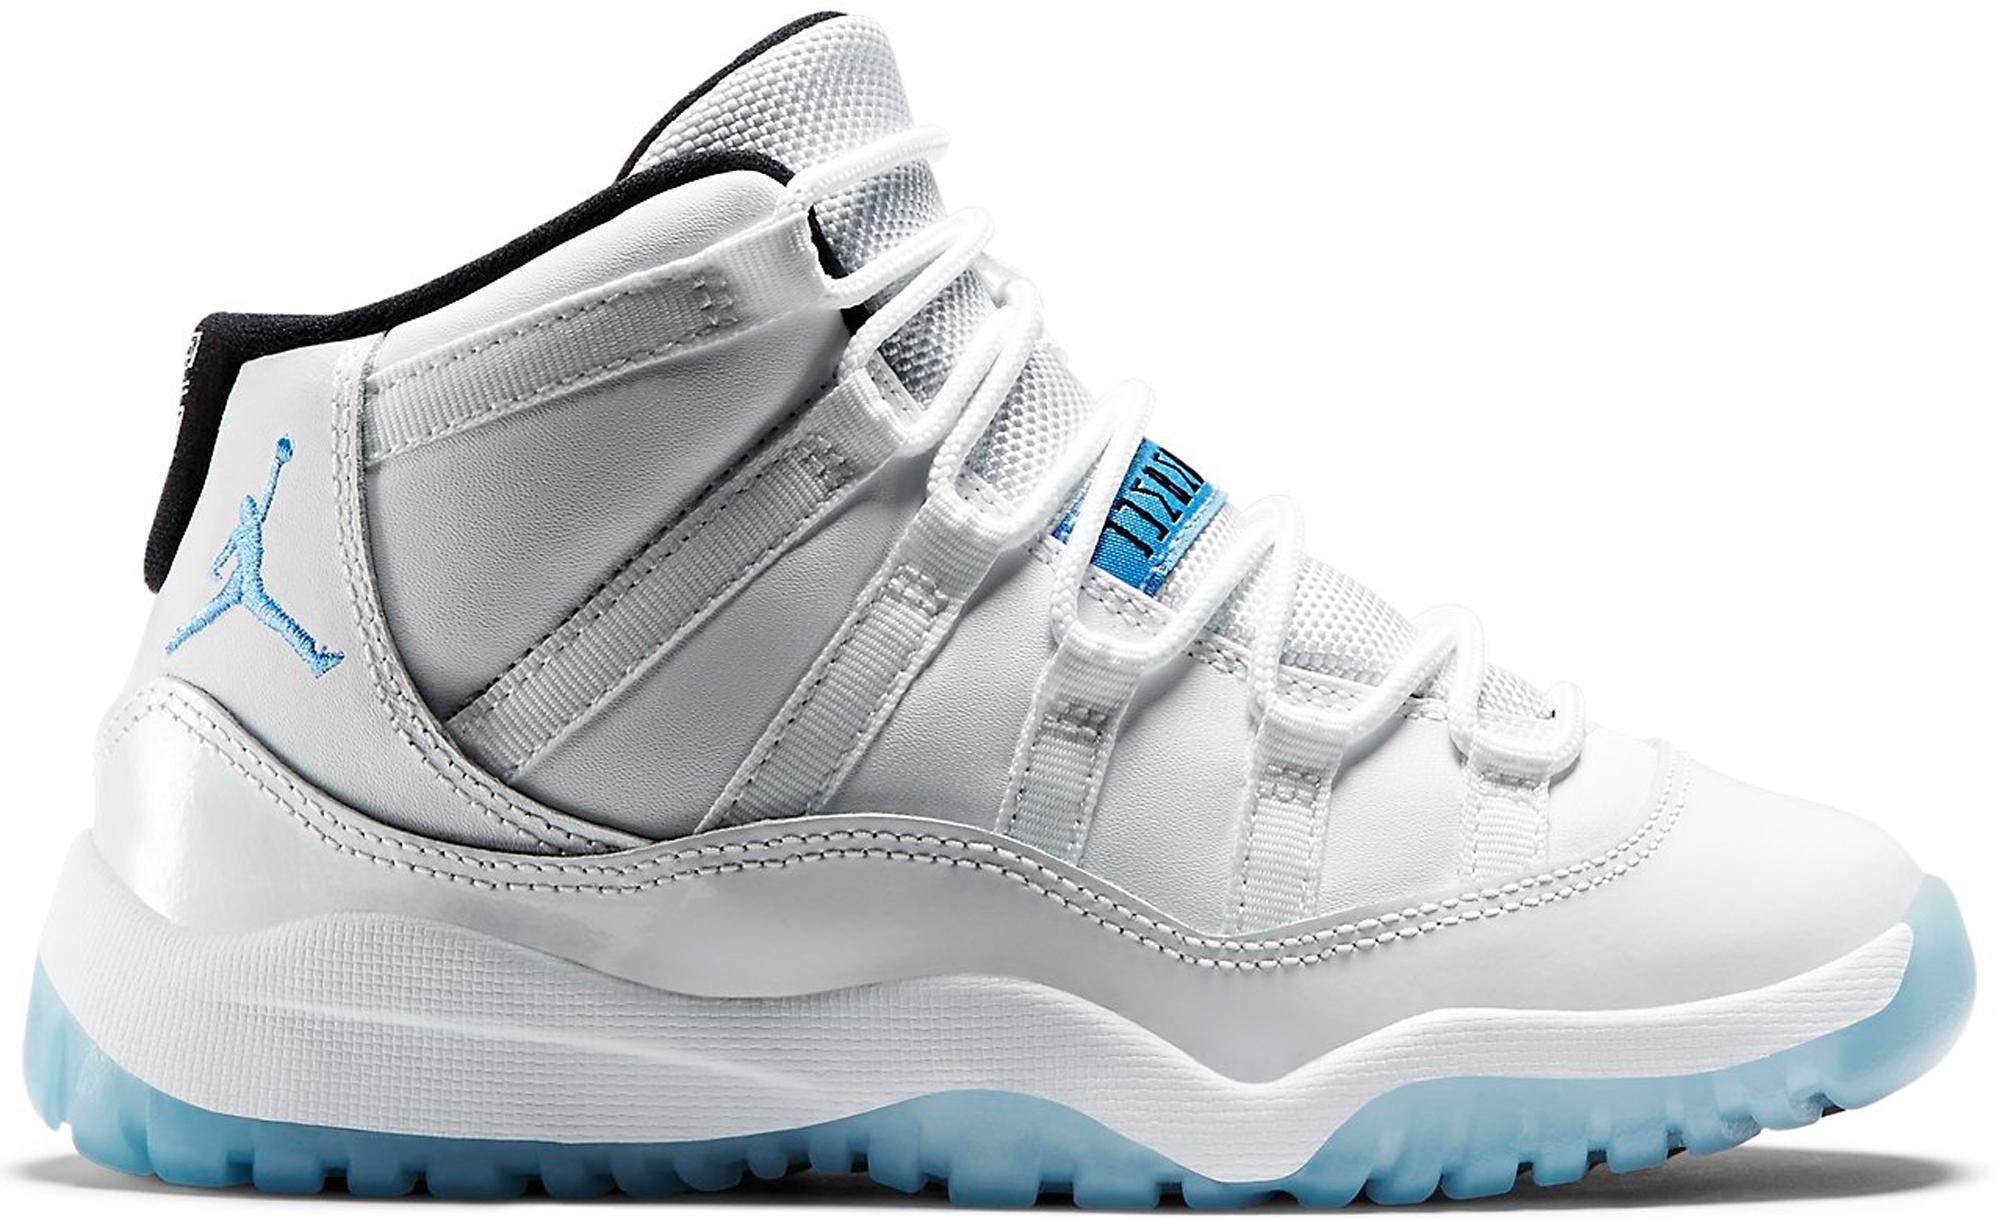 Jordan 11 Retro Legend Blue (PS)